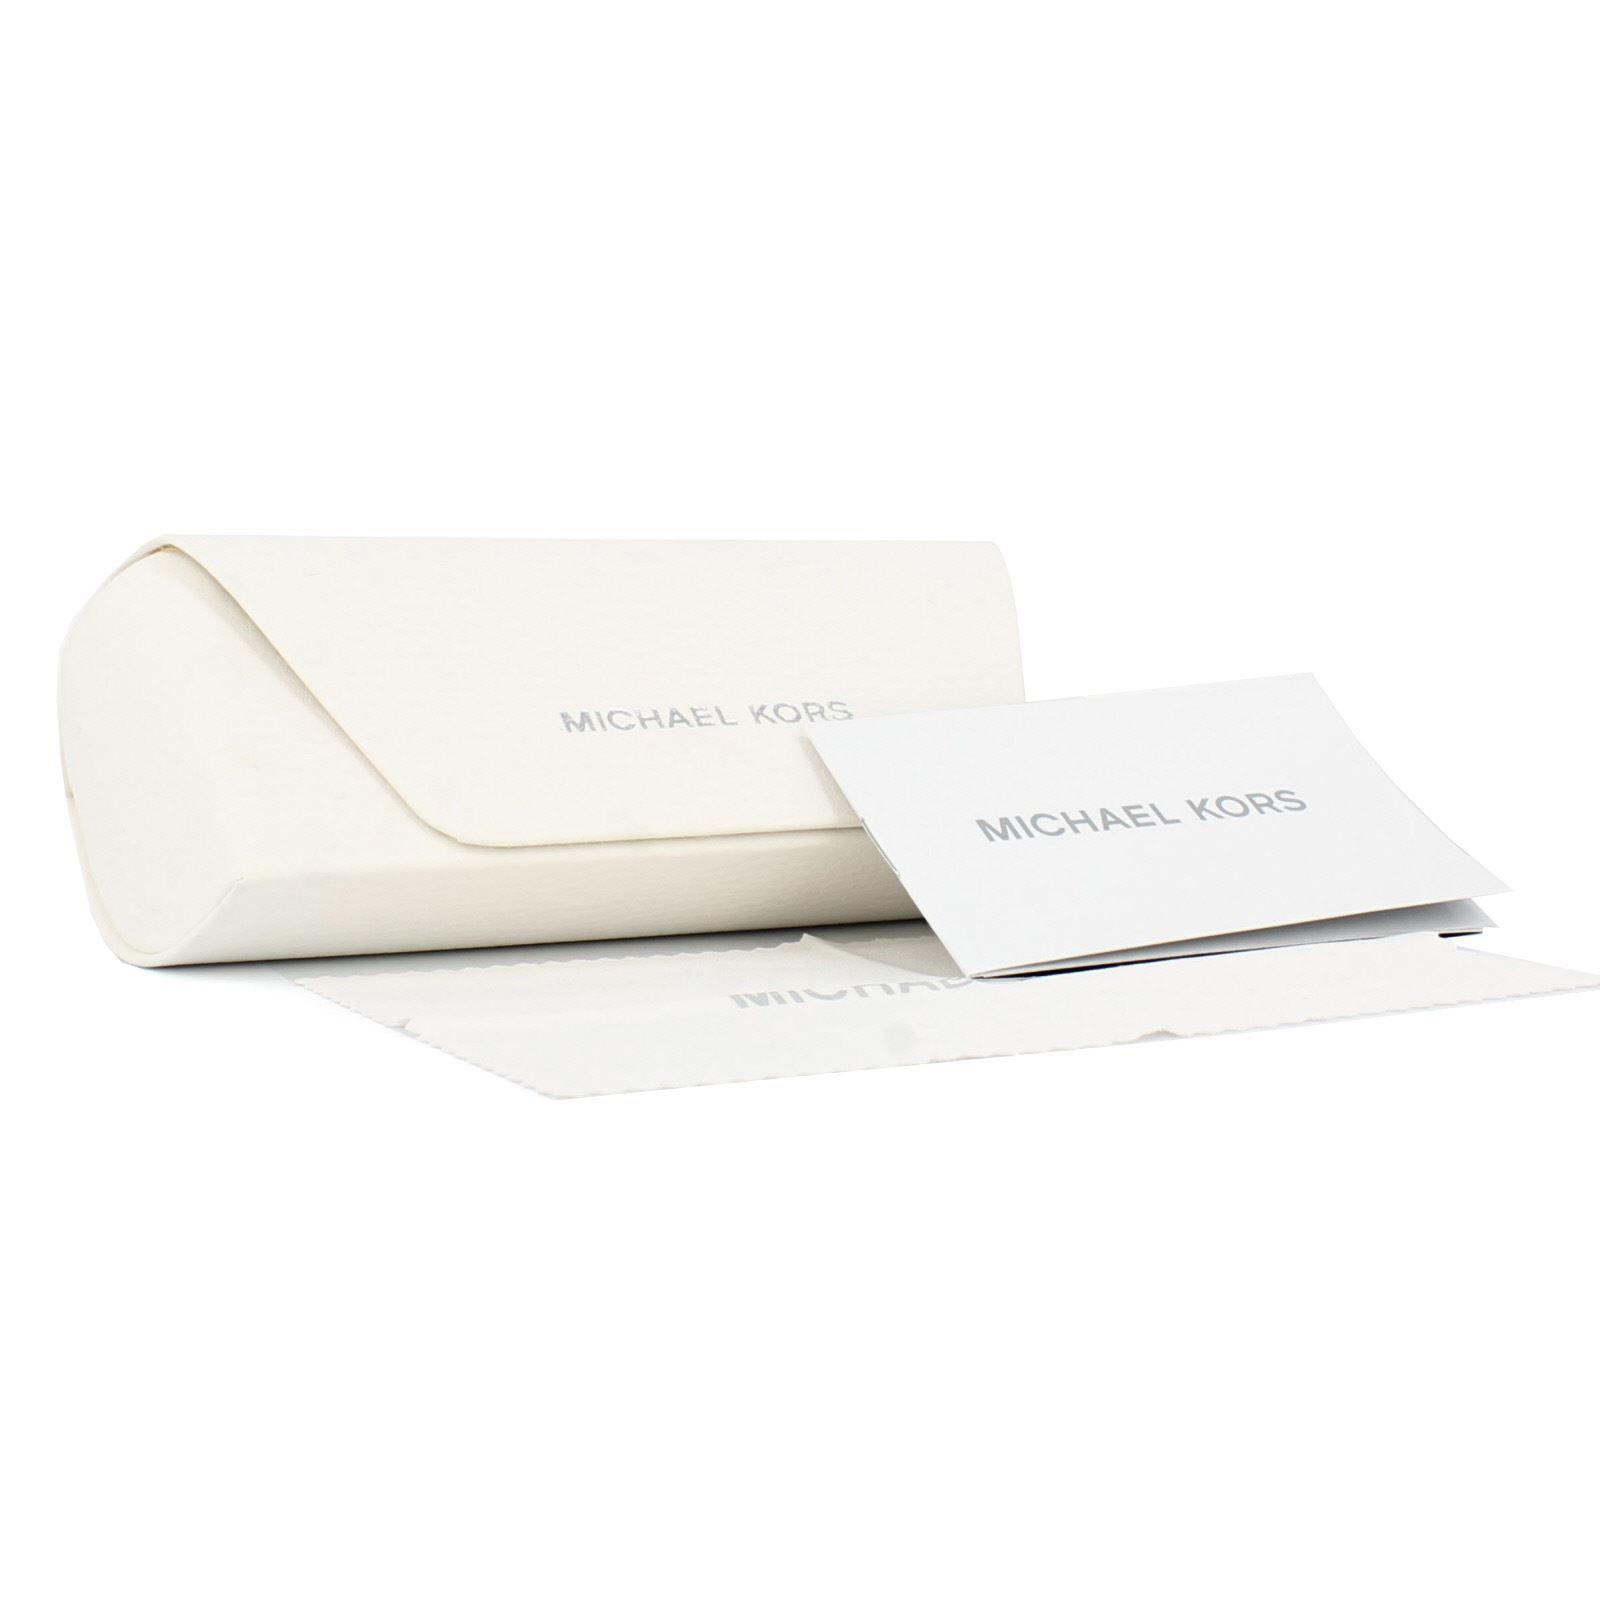 Michael Kors Sunglasses Hvar 5007 104525 Rose Gold White Blue Mirror